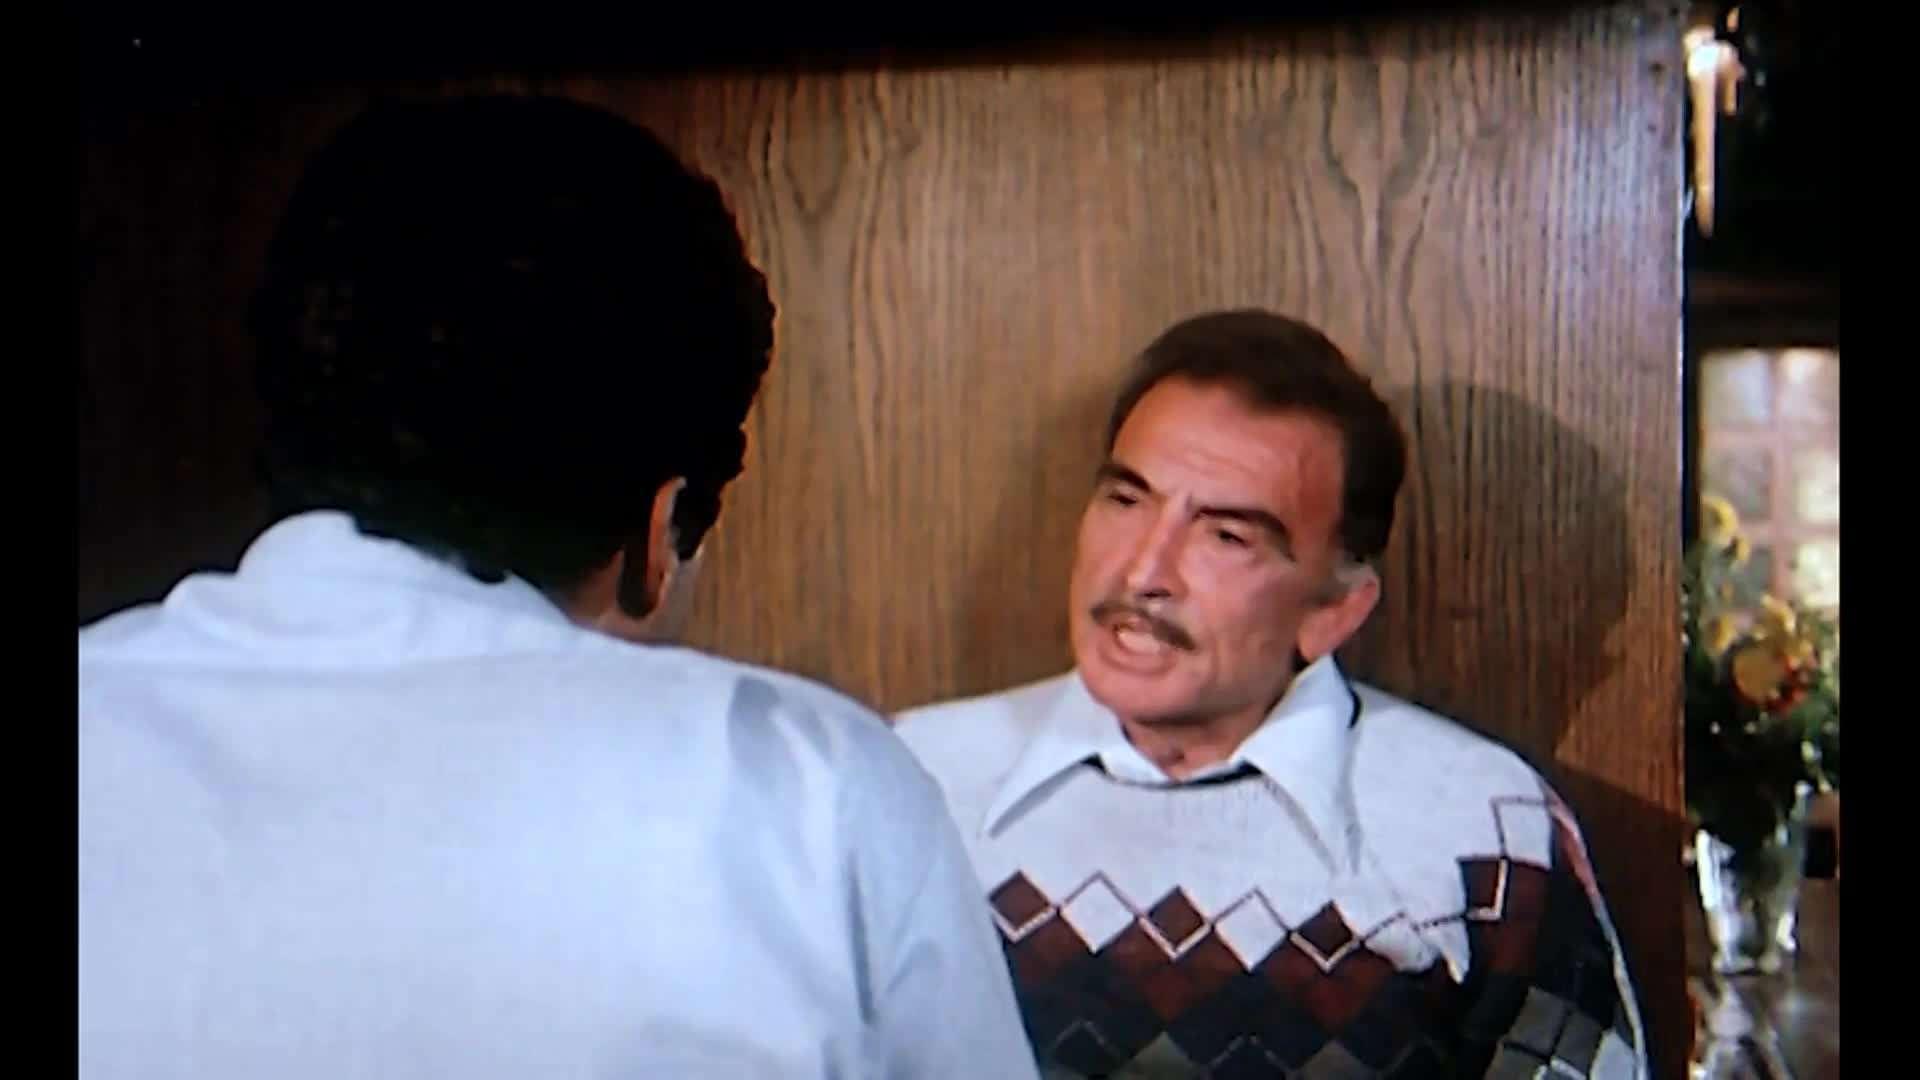 [فيلم][تورنت][تحميل][النمر الأسود][1984][1080p][Web-DL] 15 arabp2p.com